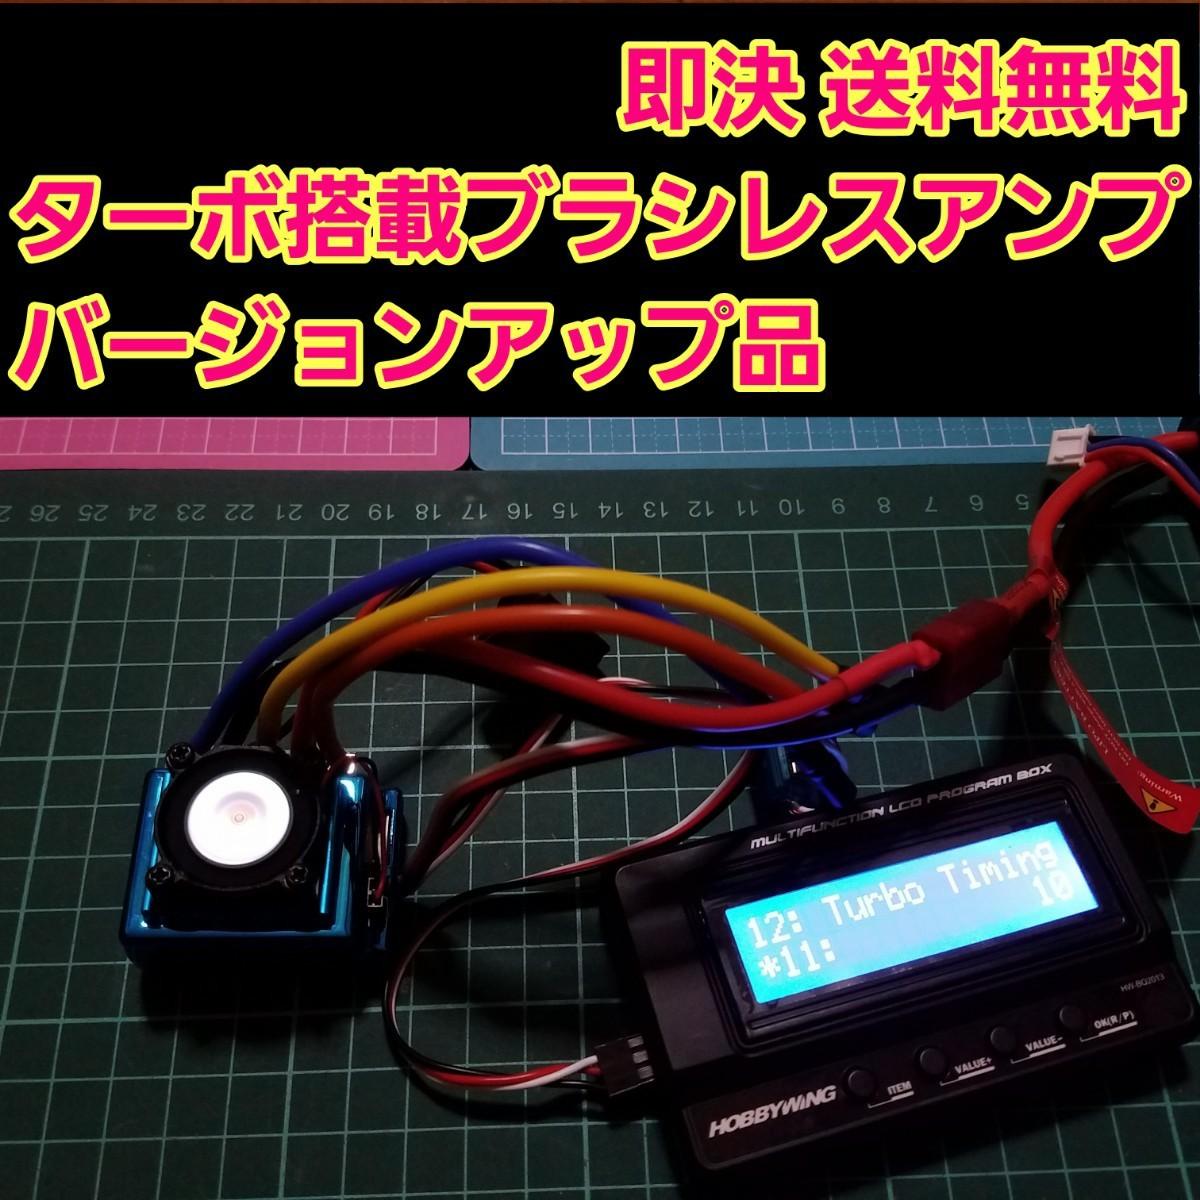 ブラシレス アンプ ESC バージョンアップ ①  ラジコン モーター YD-2 ホビー ウイング ターボ搭載 tt01 tt02